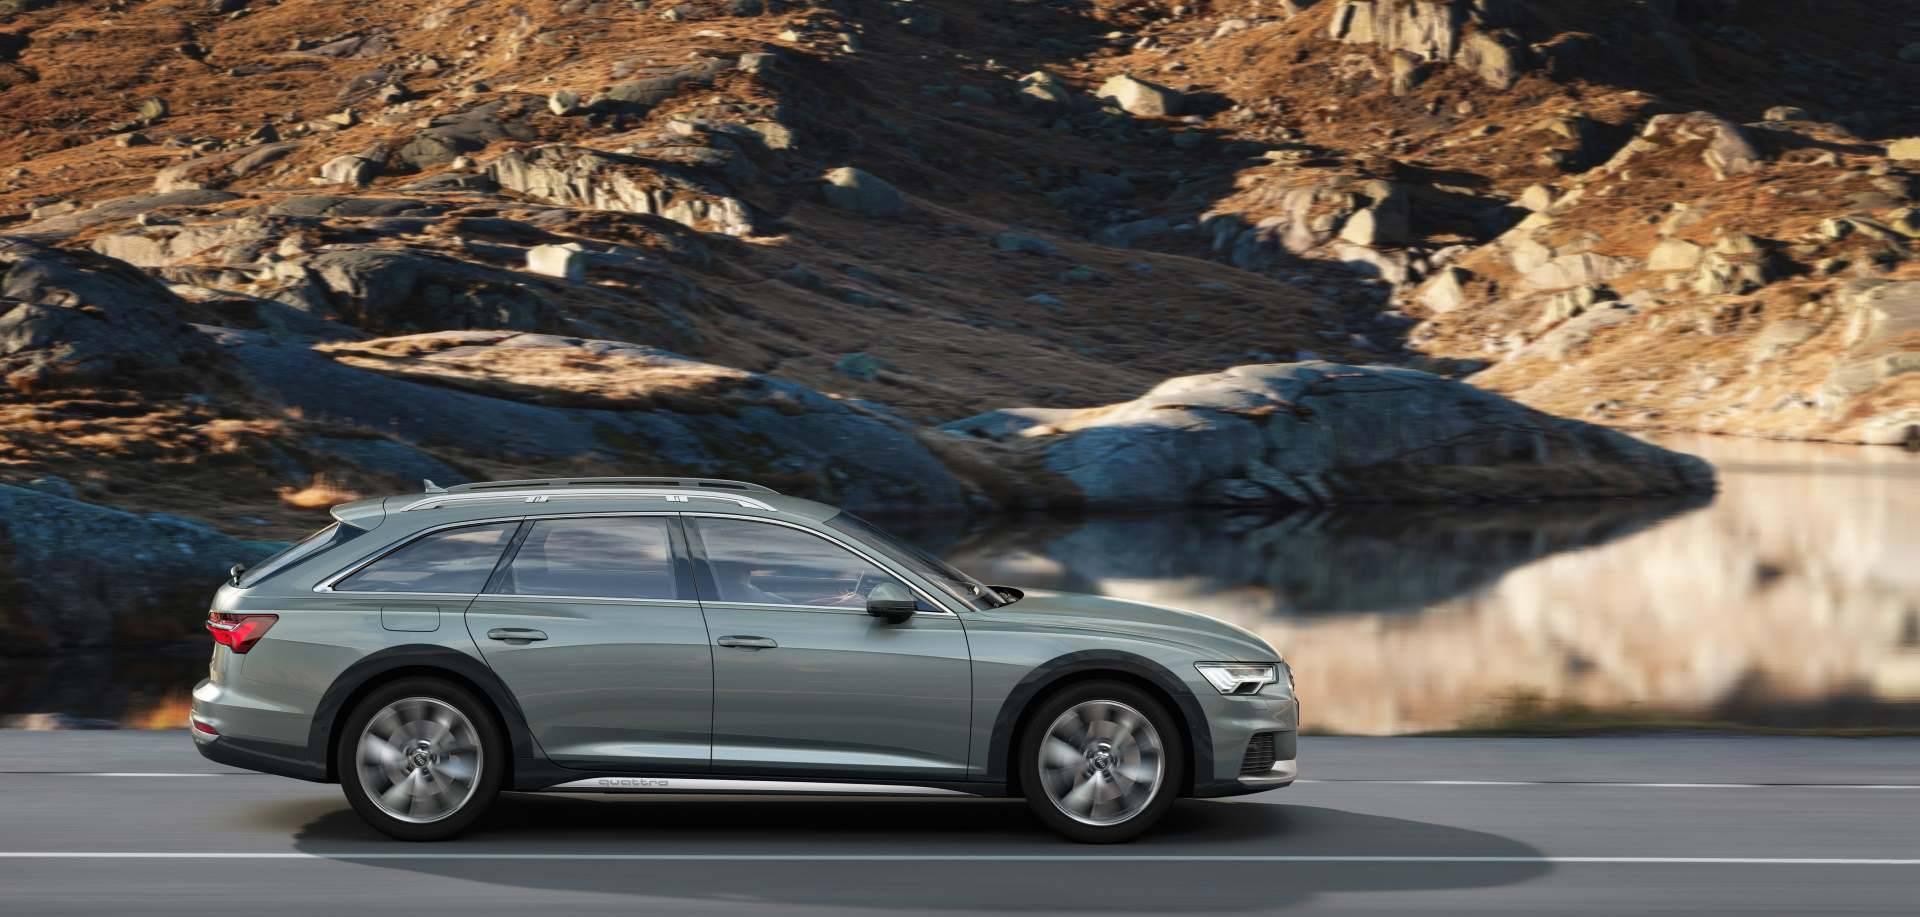 Nouvelle Audi A6 allroad quattro 2020 profil